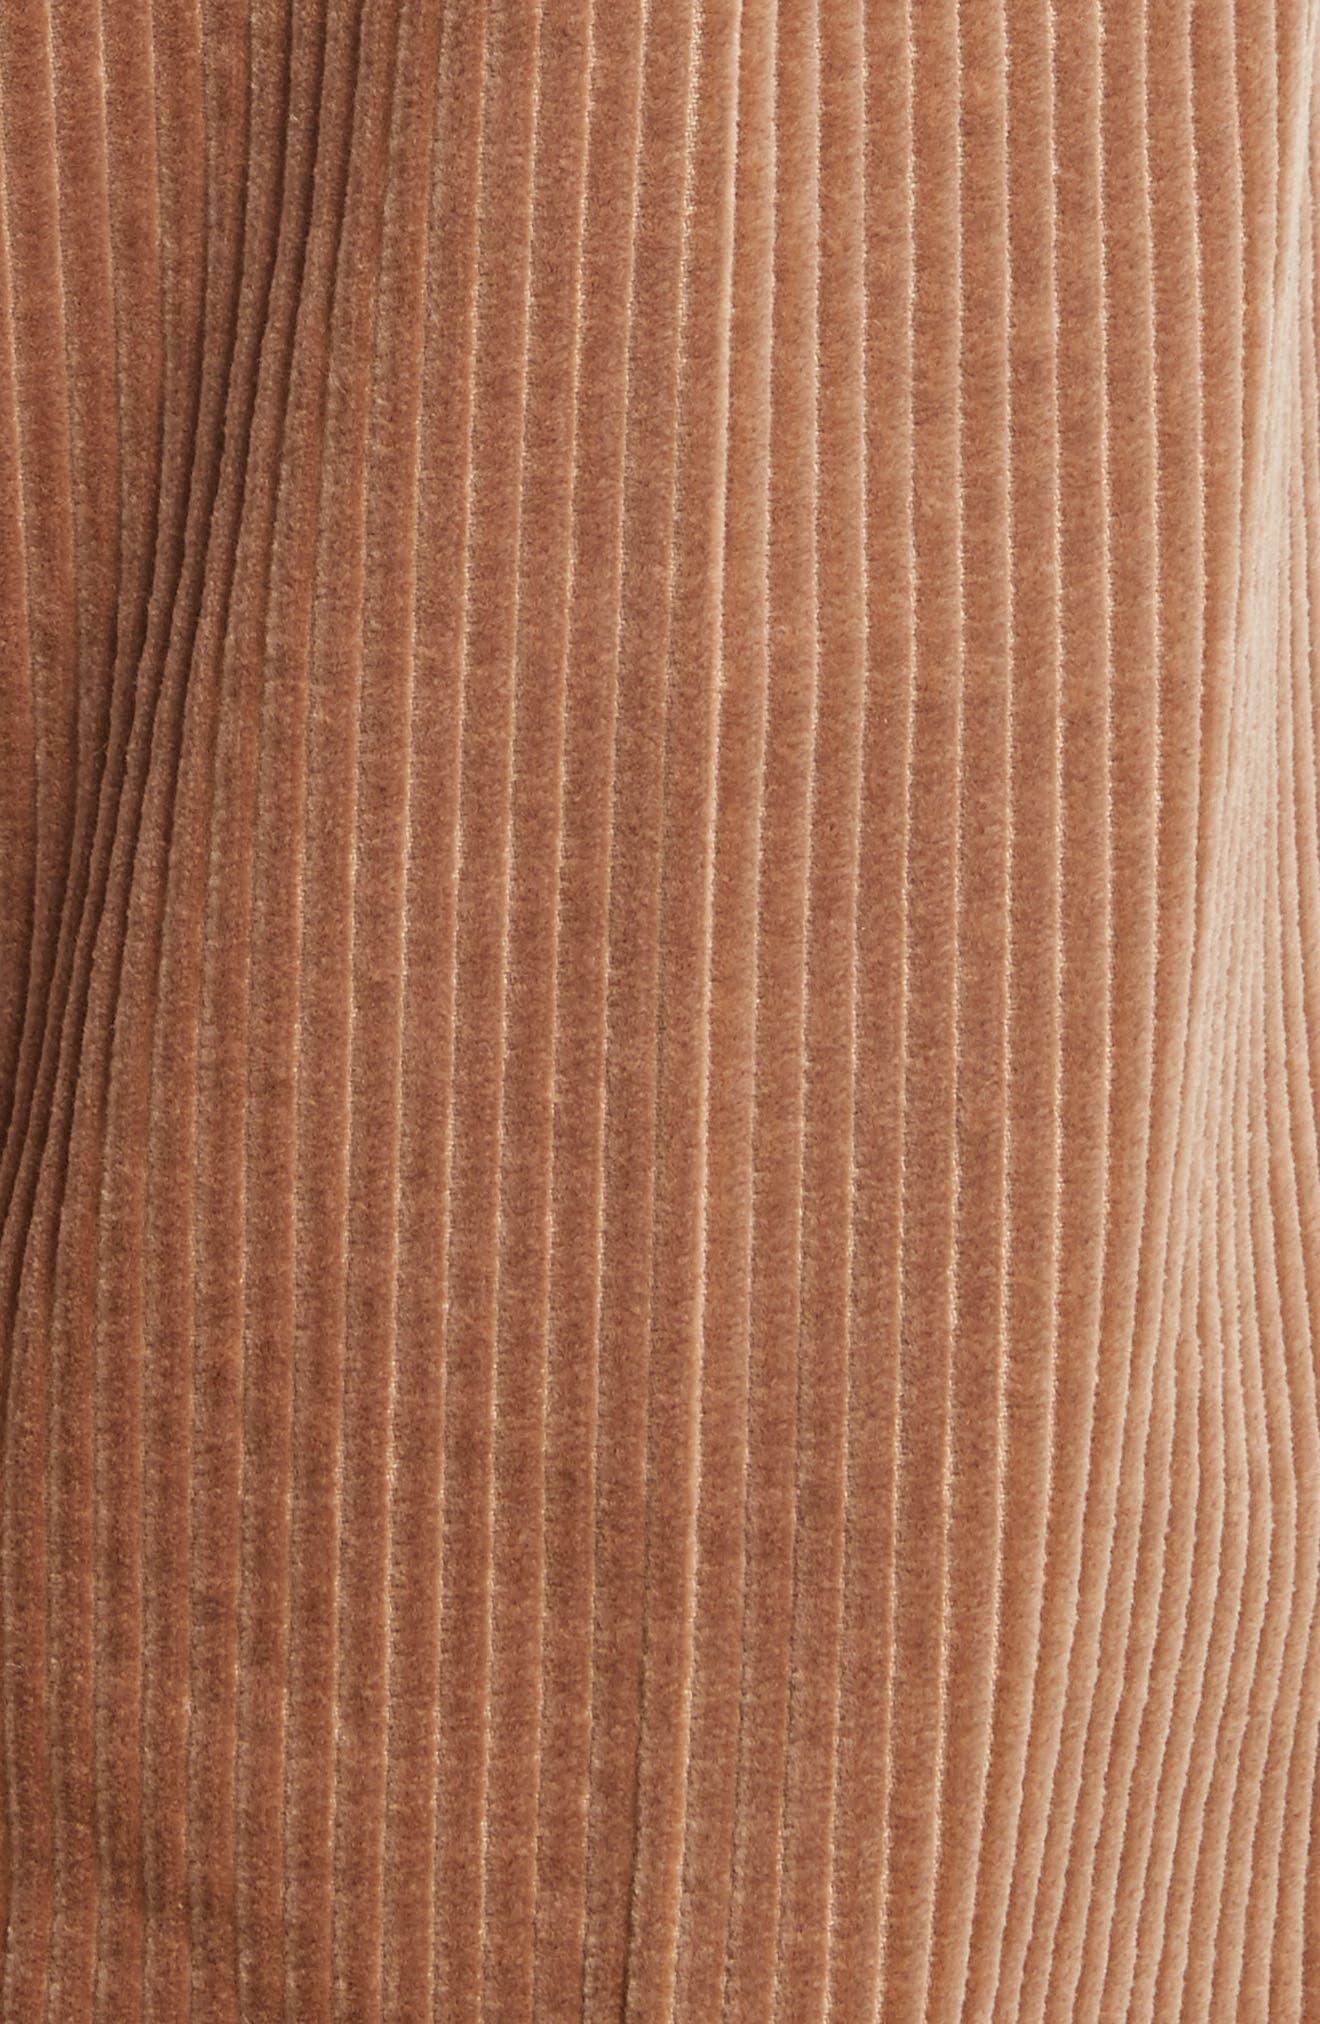 Corduroy Wide Leg Crop Pants,                             Alternate thumbnail 6, color,                             Sand